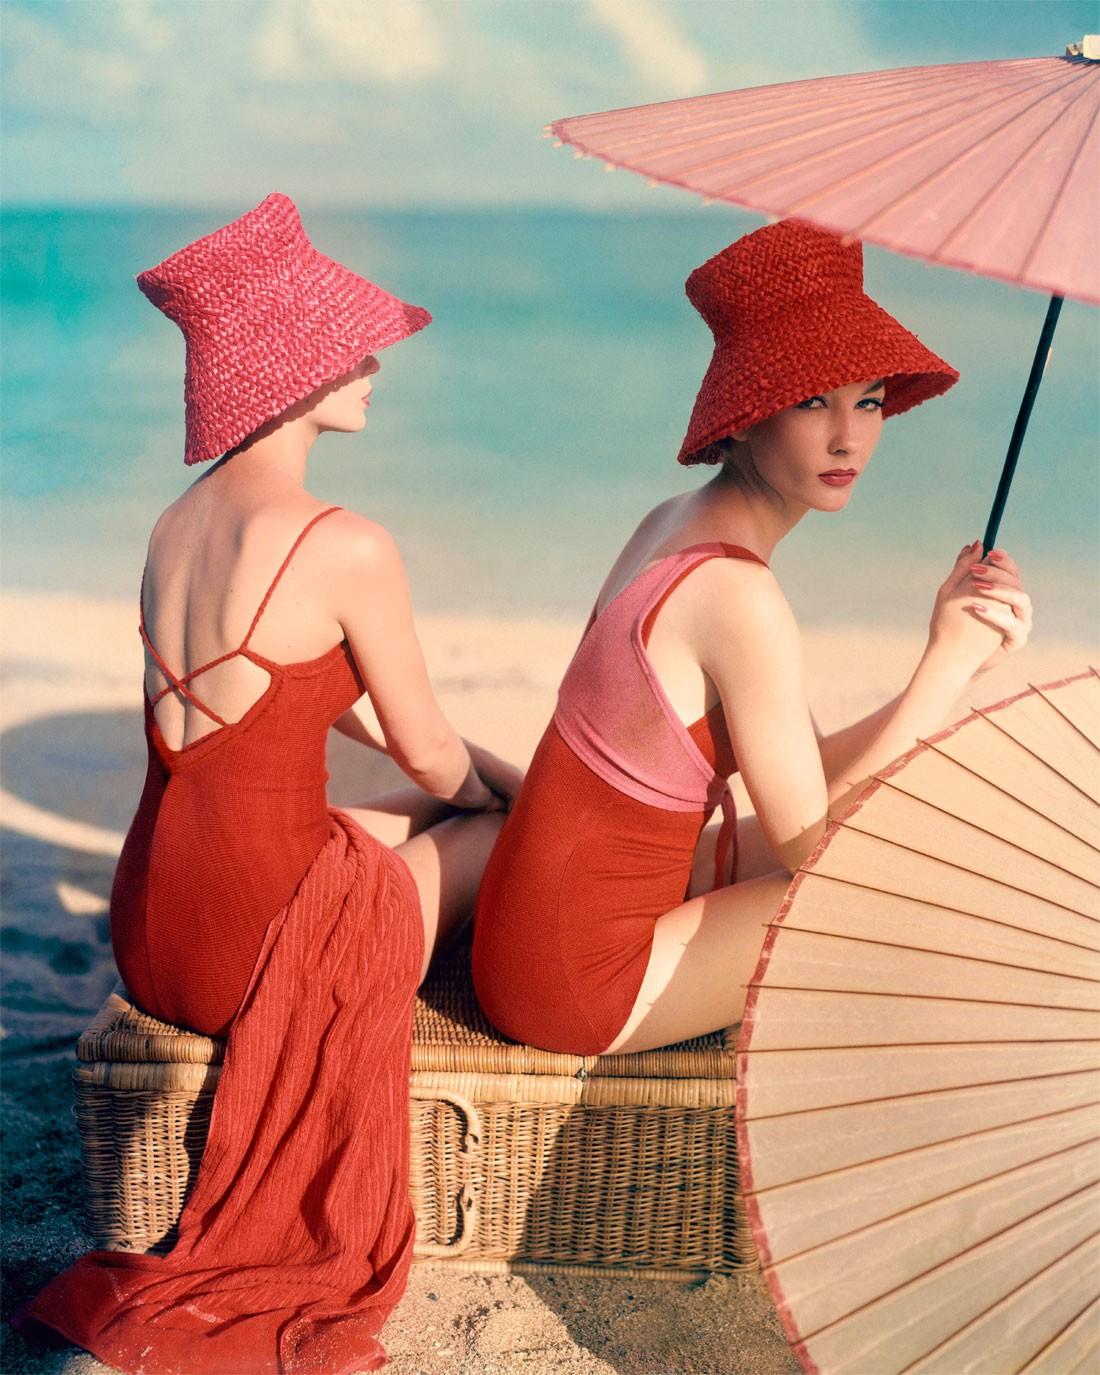 Модели в красных купальниках, Vogue 1963. Фотограф Луиза Даль-Вульф